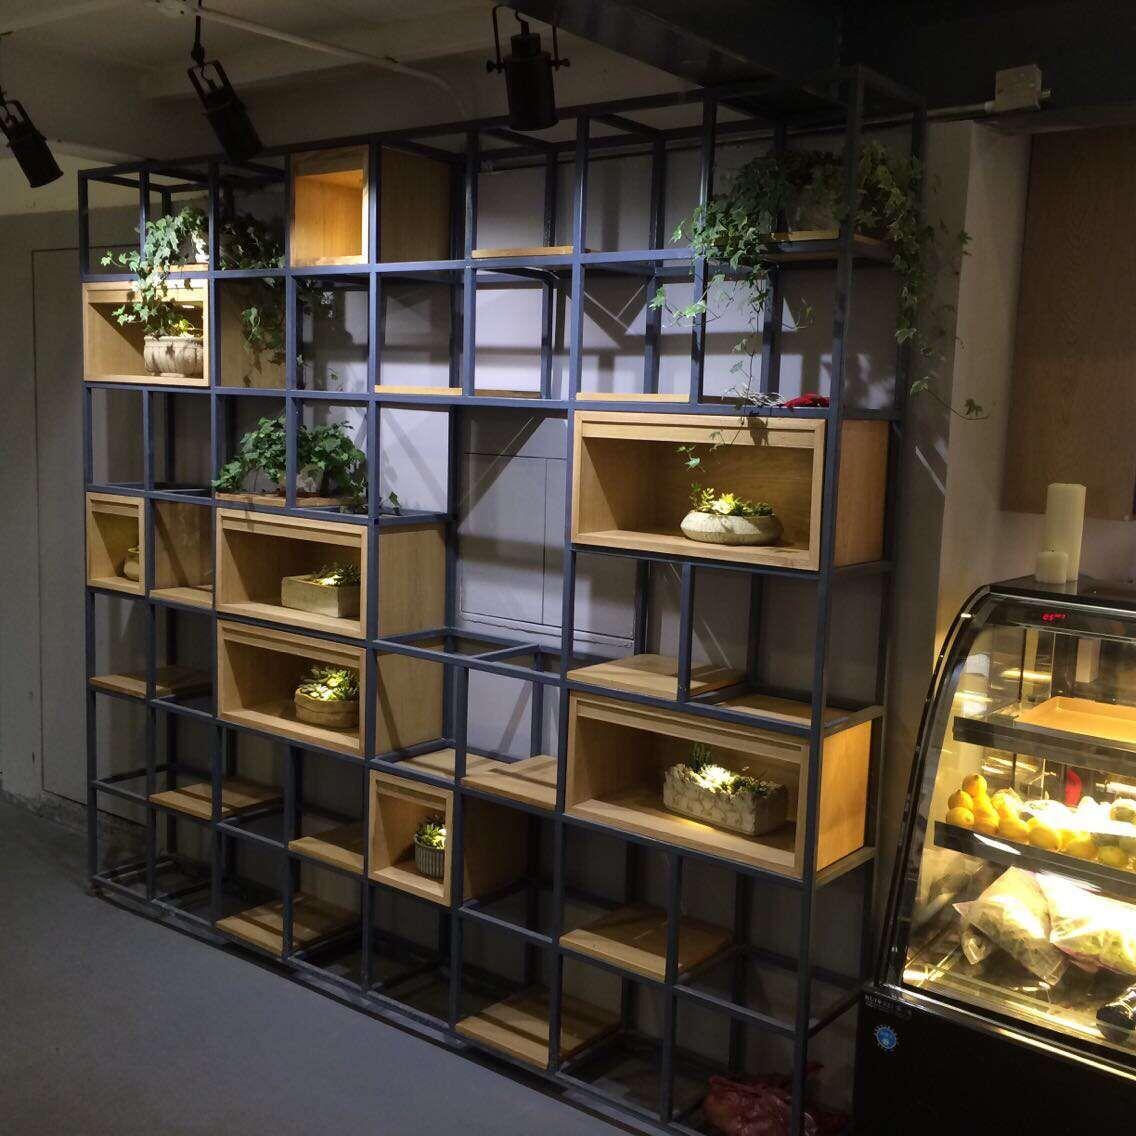 工業LOFT美式書架客廳複古書櫃鐵藝隔擱板置物架實木隔斷展示貨架